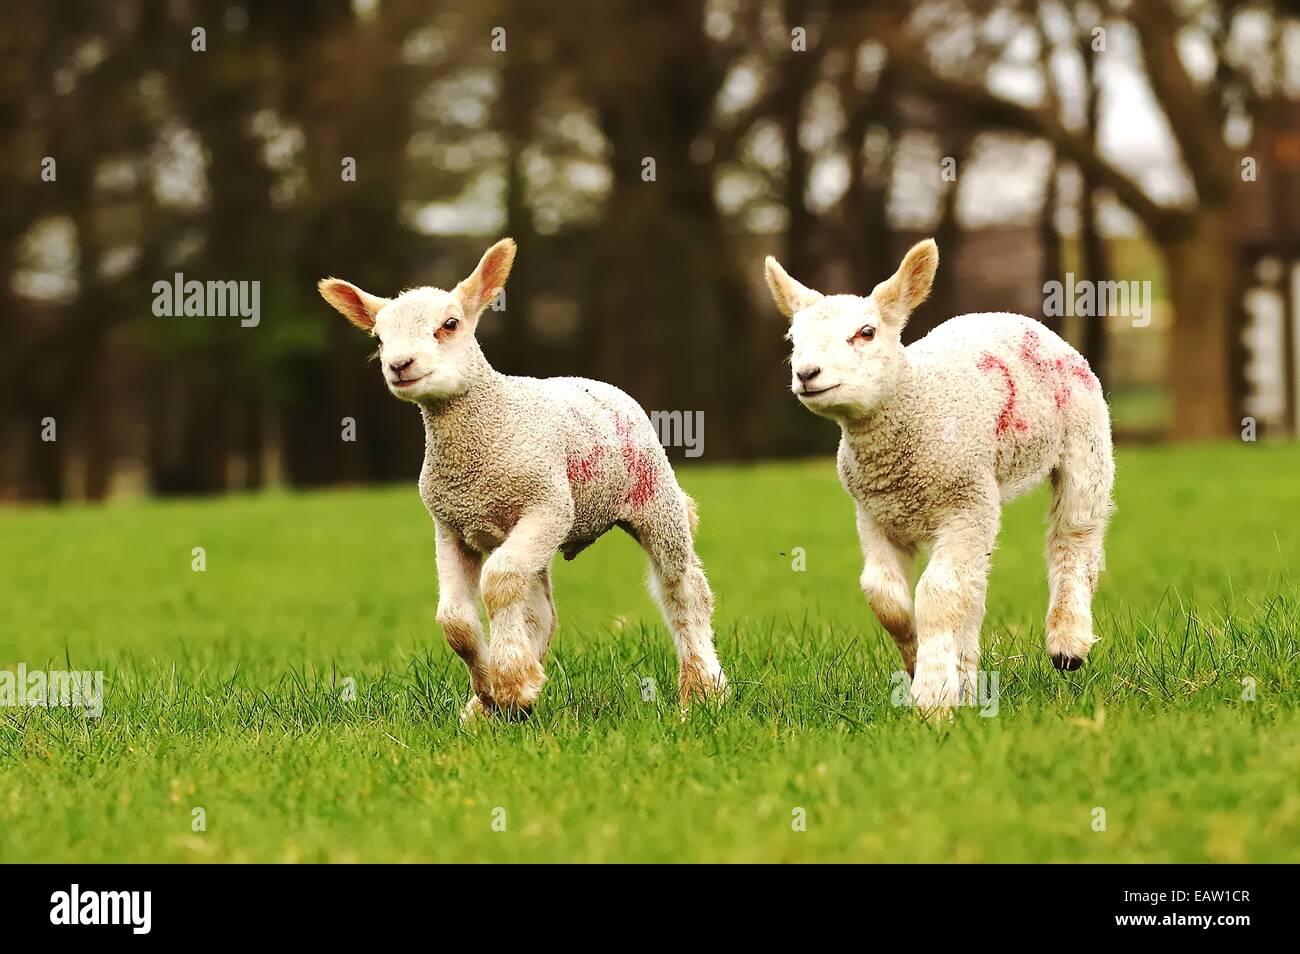 Twin Spring Lambs - Stock Image